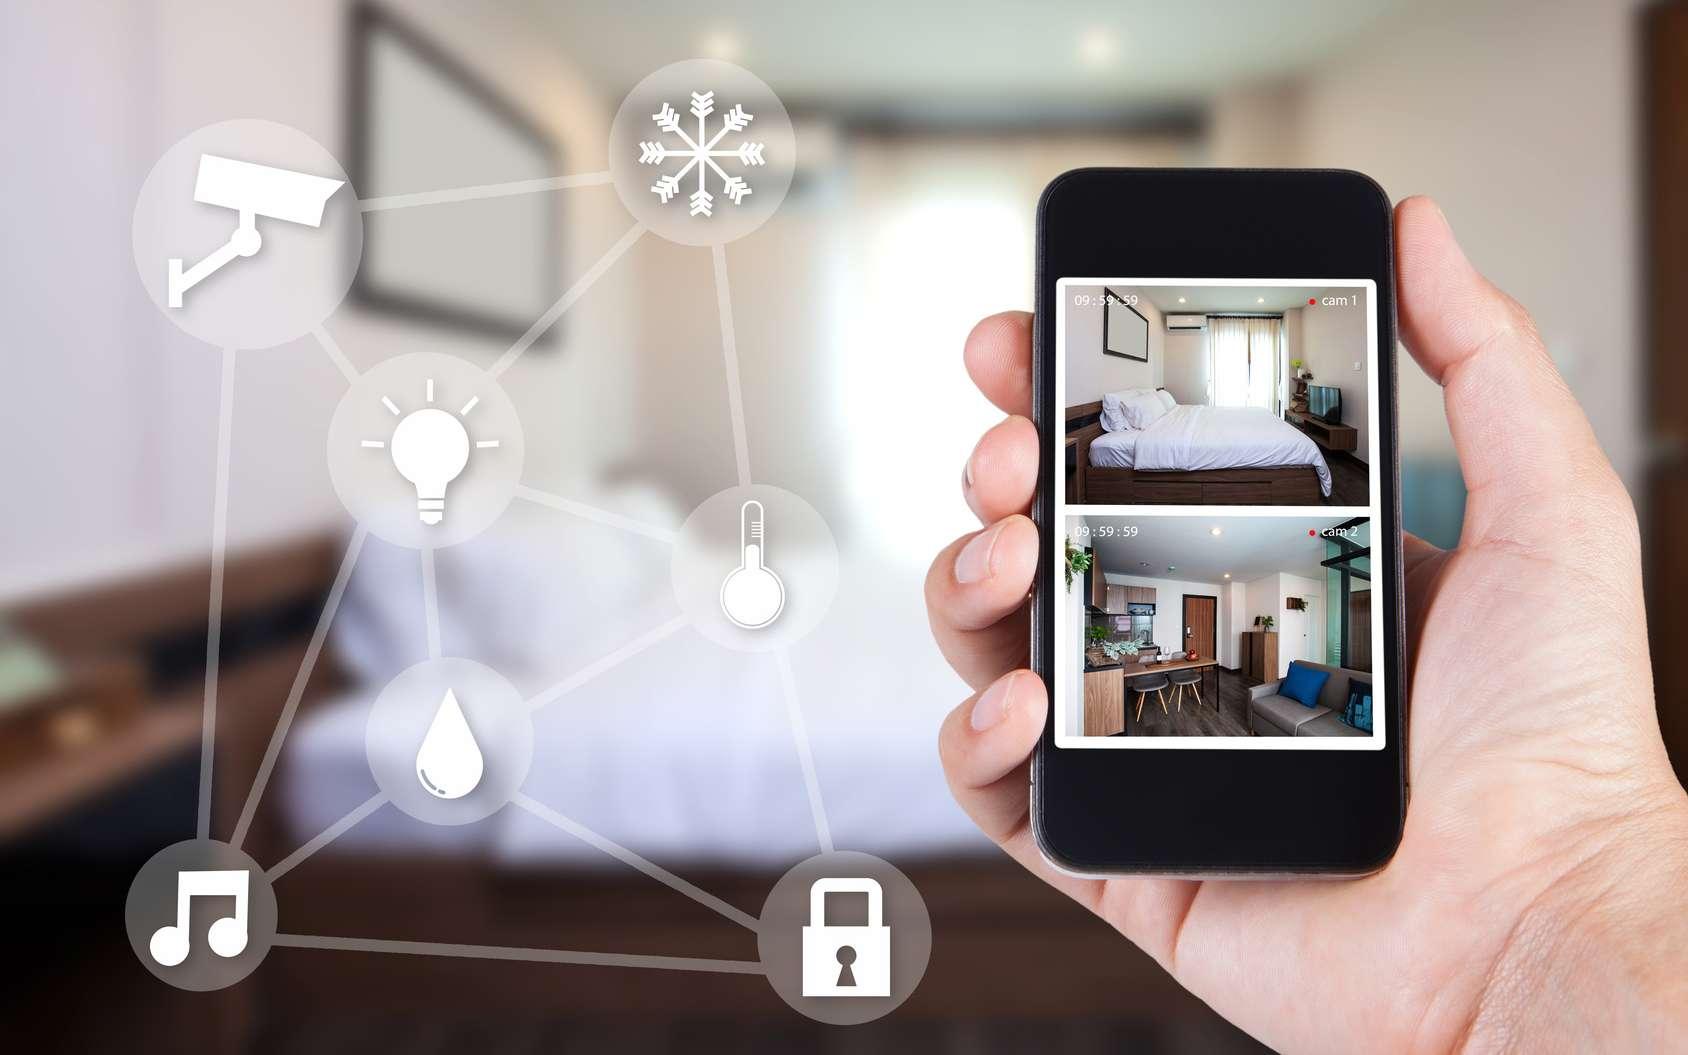 Il existe des moyens pour sécuriser votre habitation. © Suwanphoto/Fotolia